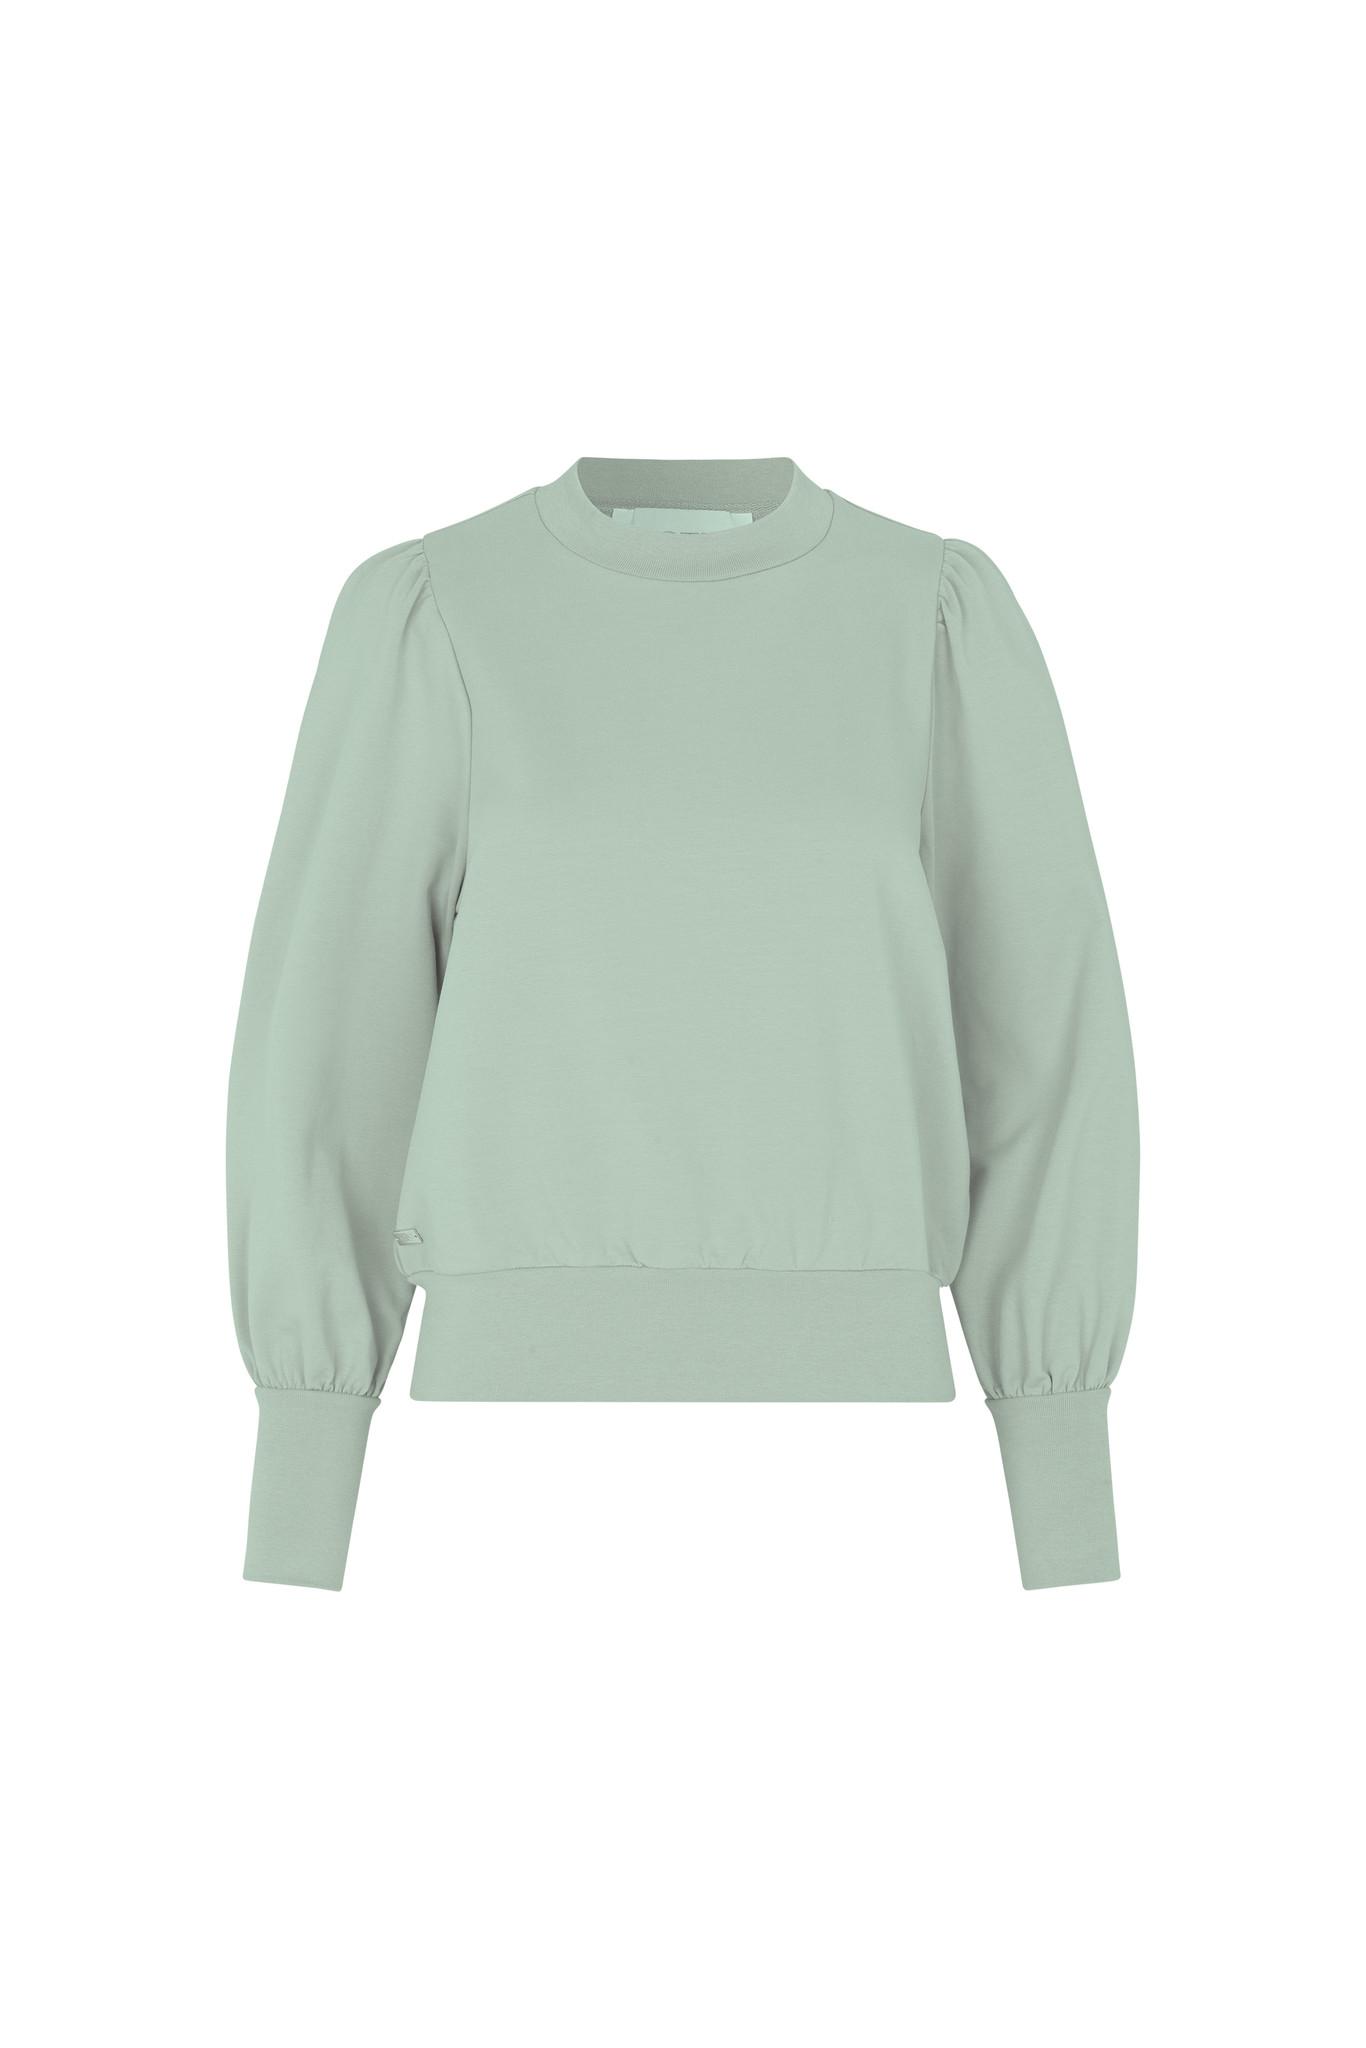 Oxford Sweatshirt - Mermaid-1